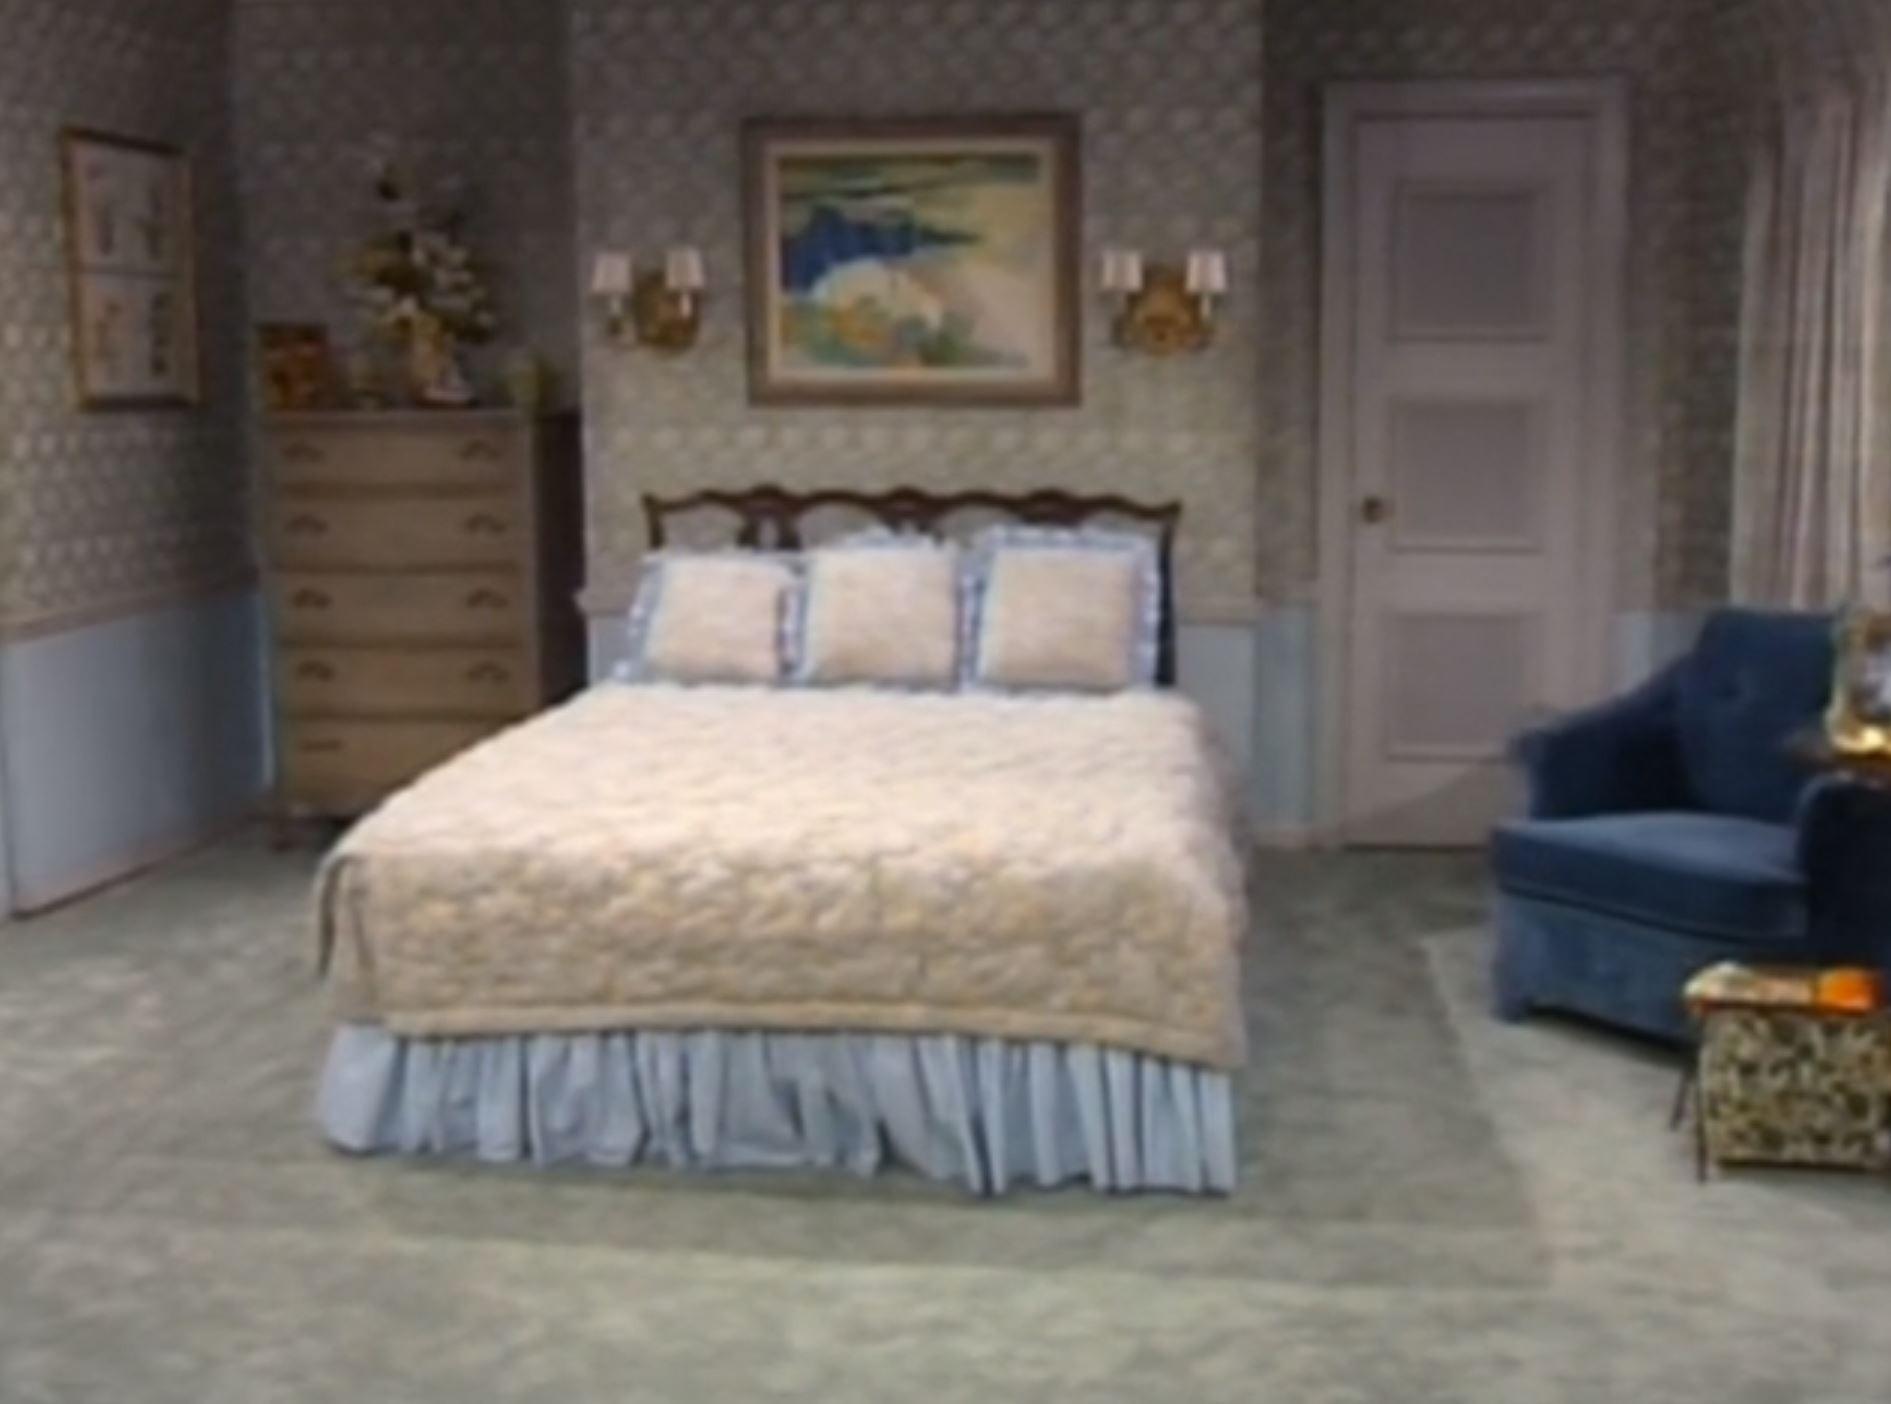 Sophia's bedroom from The Golden Girls